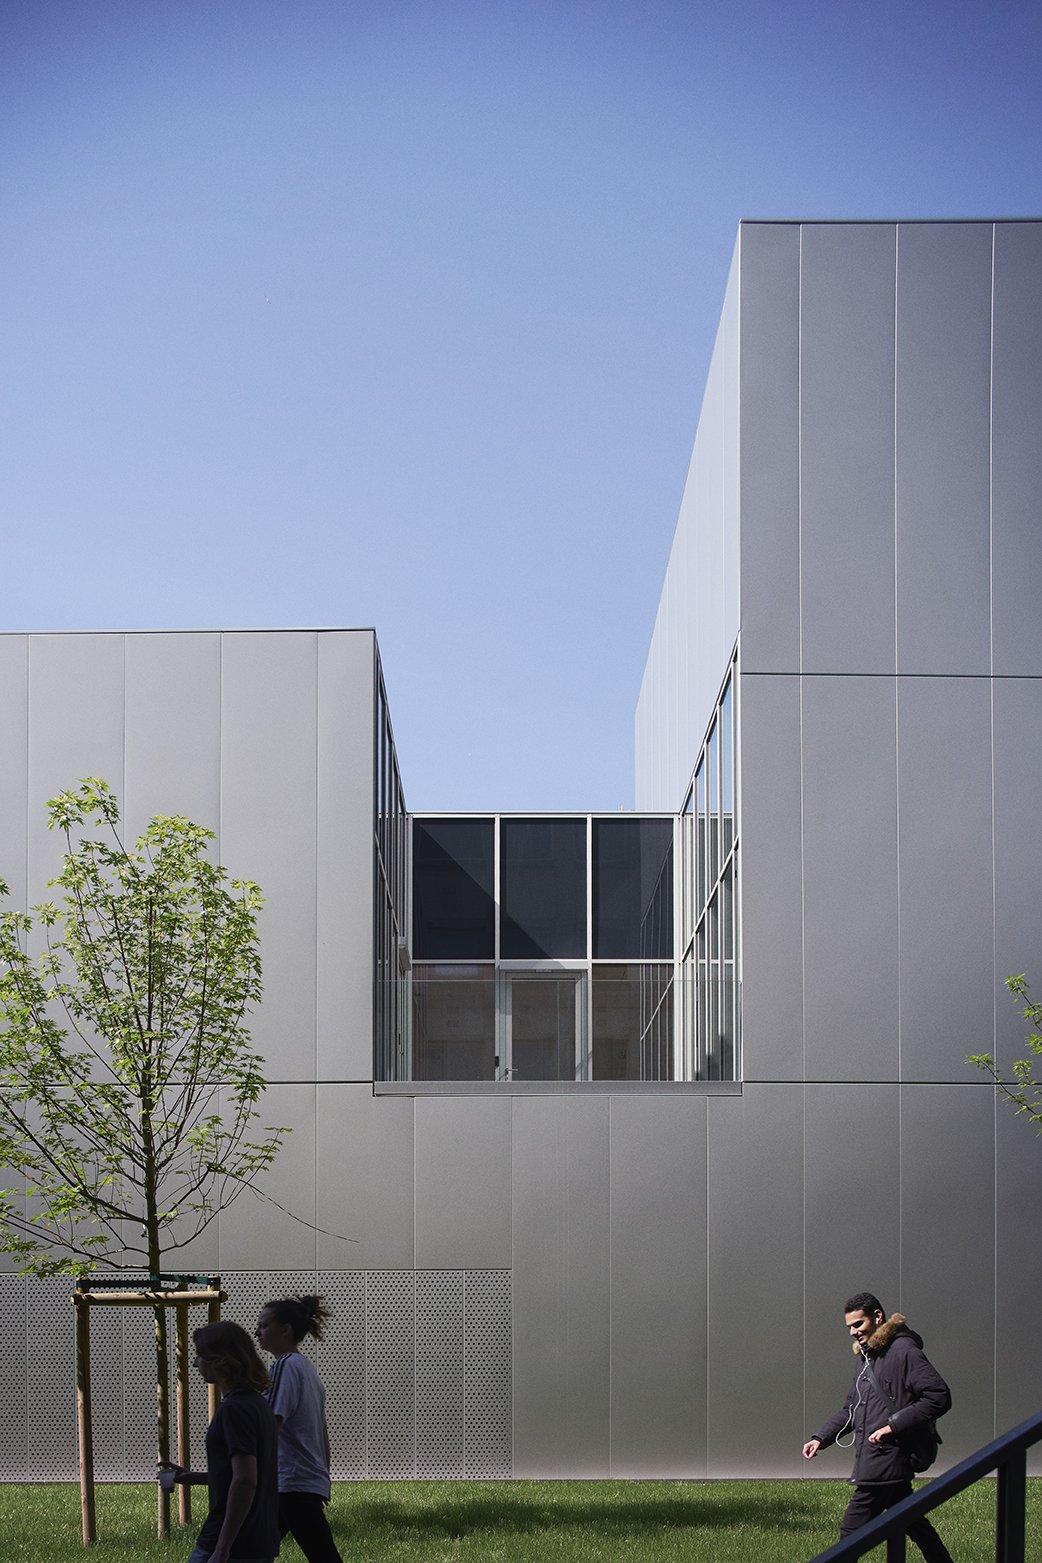 https://www.transform-architecture.com/wp-content/uploads/2020/12/TRANSFORM-Centre-exploration-fonctionnelle-Jussieu-13.jpg